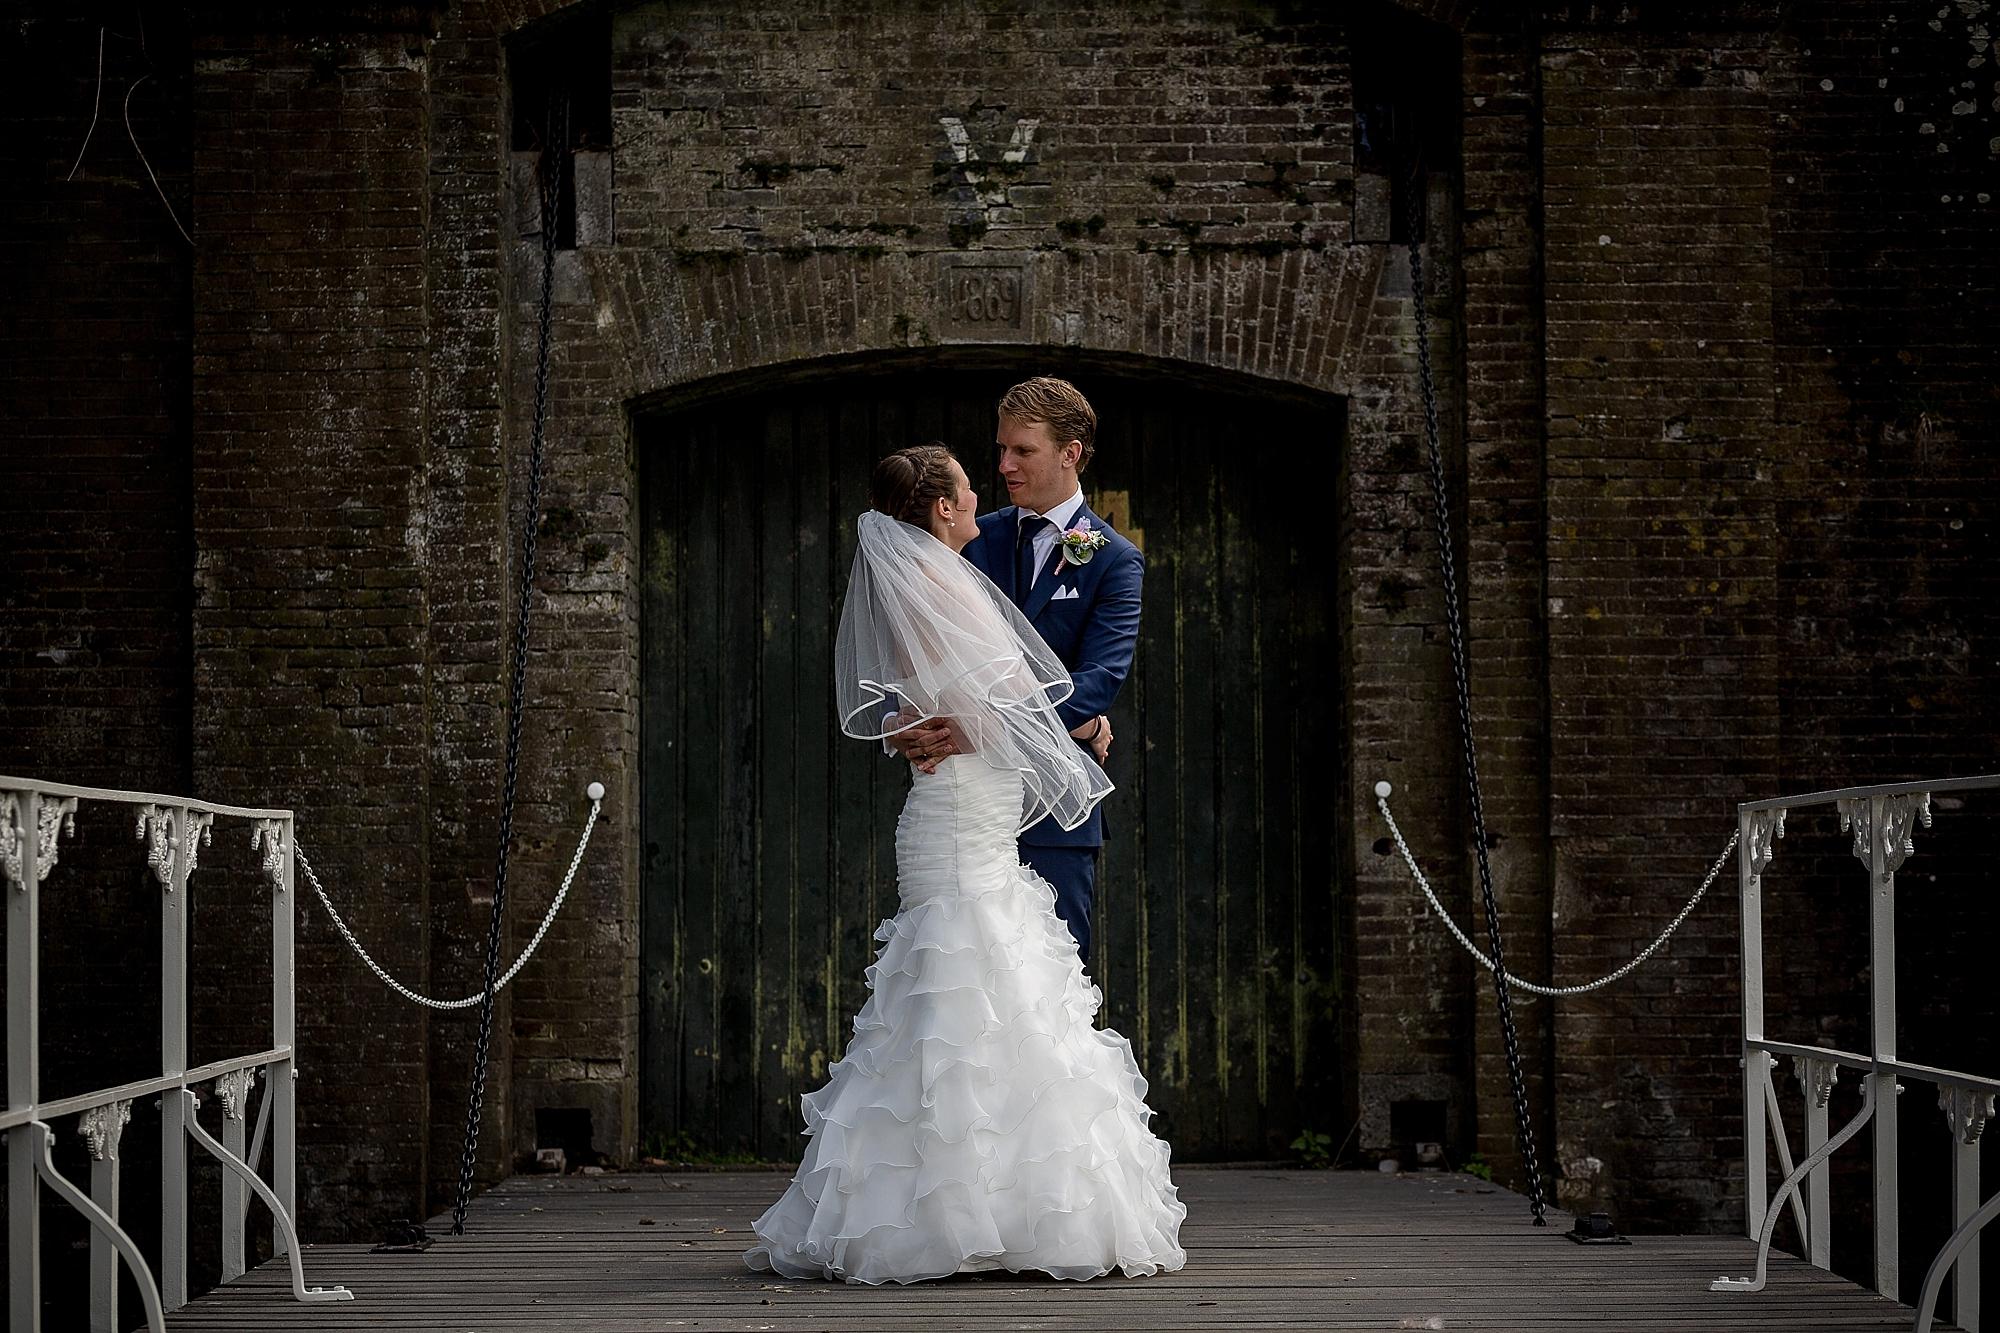 bruidsfotgraaf-utrecht-houten-fort-vechten_0015.jpg